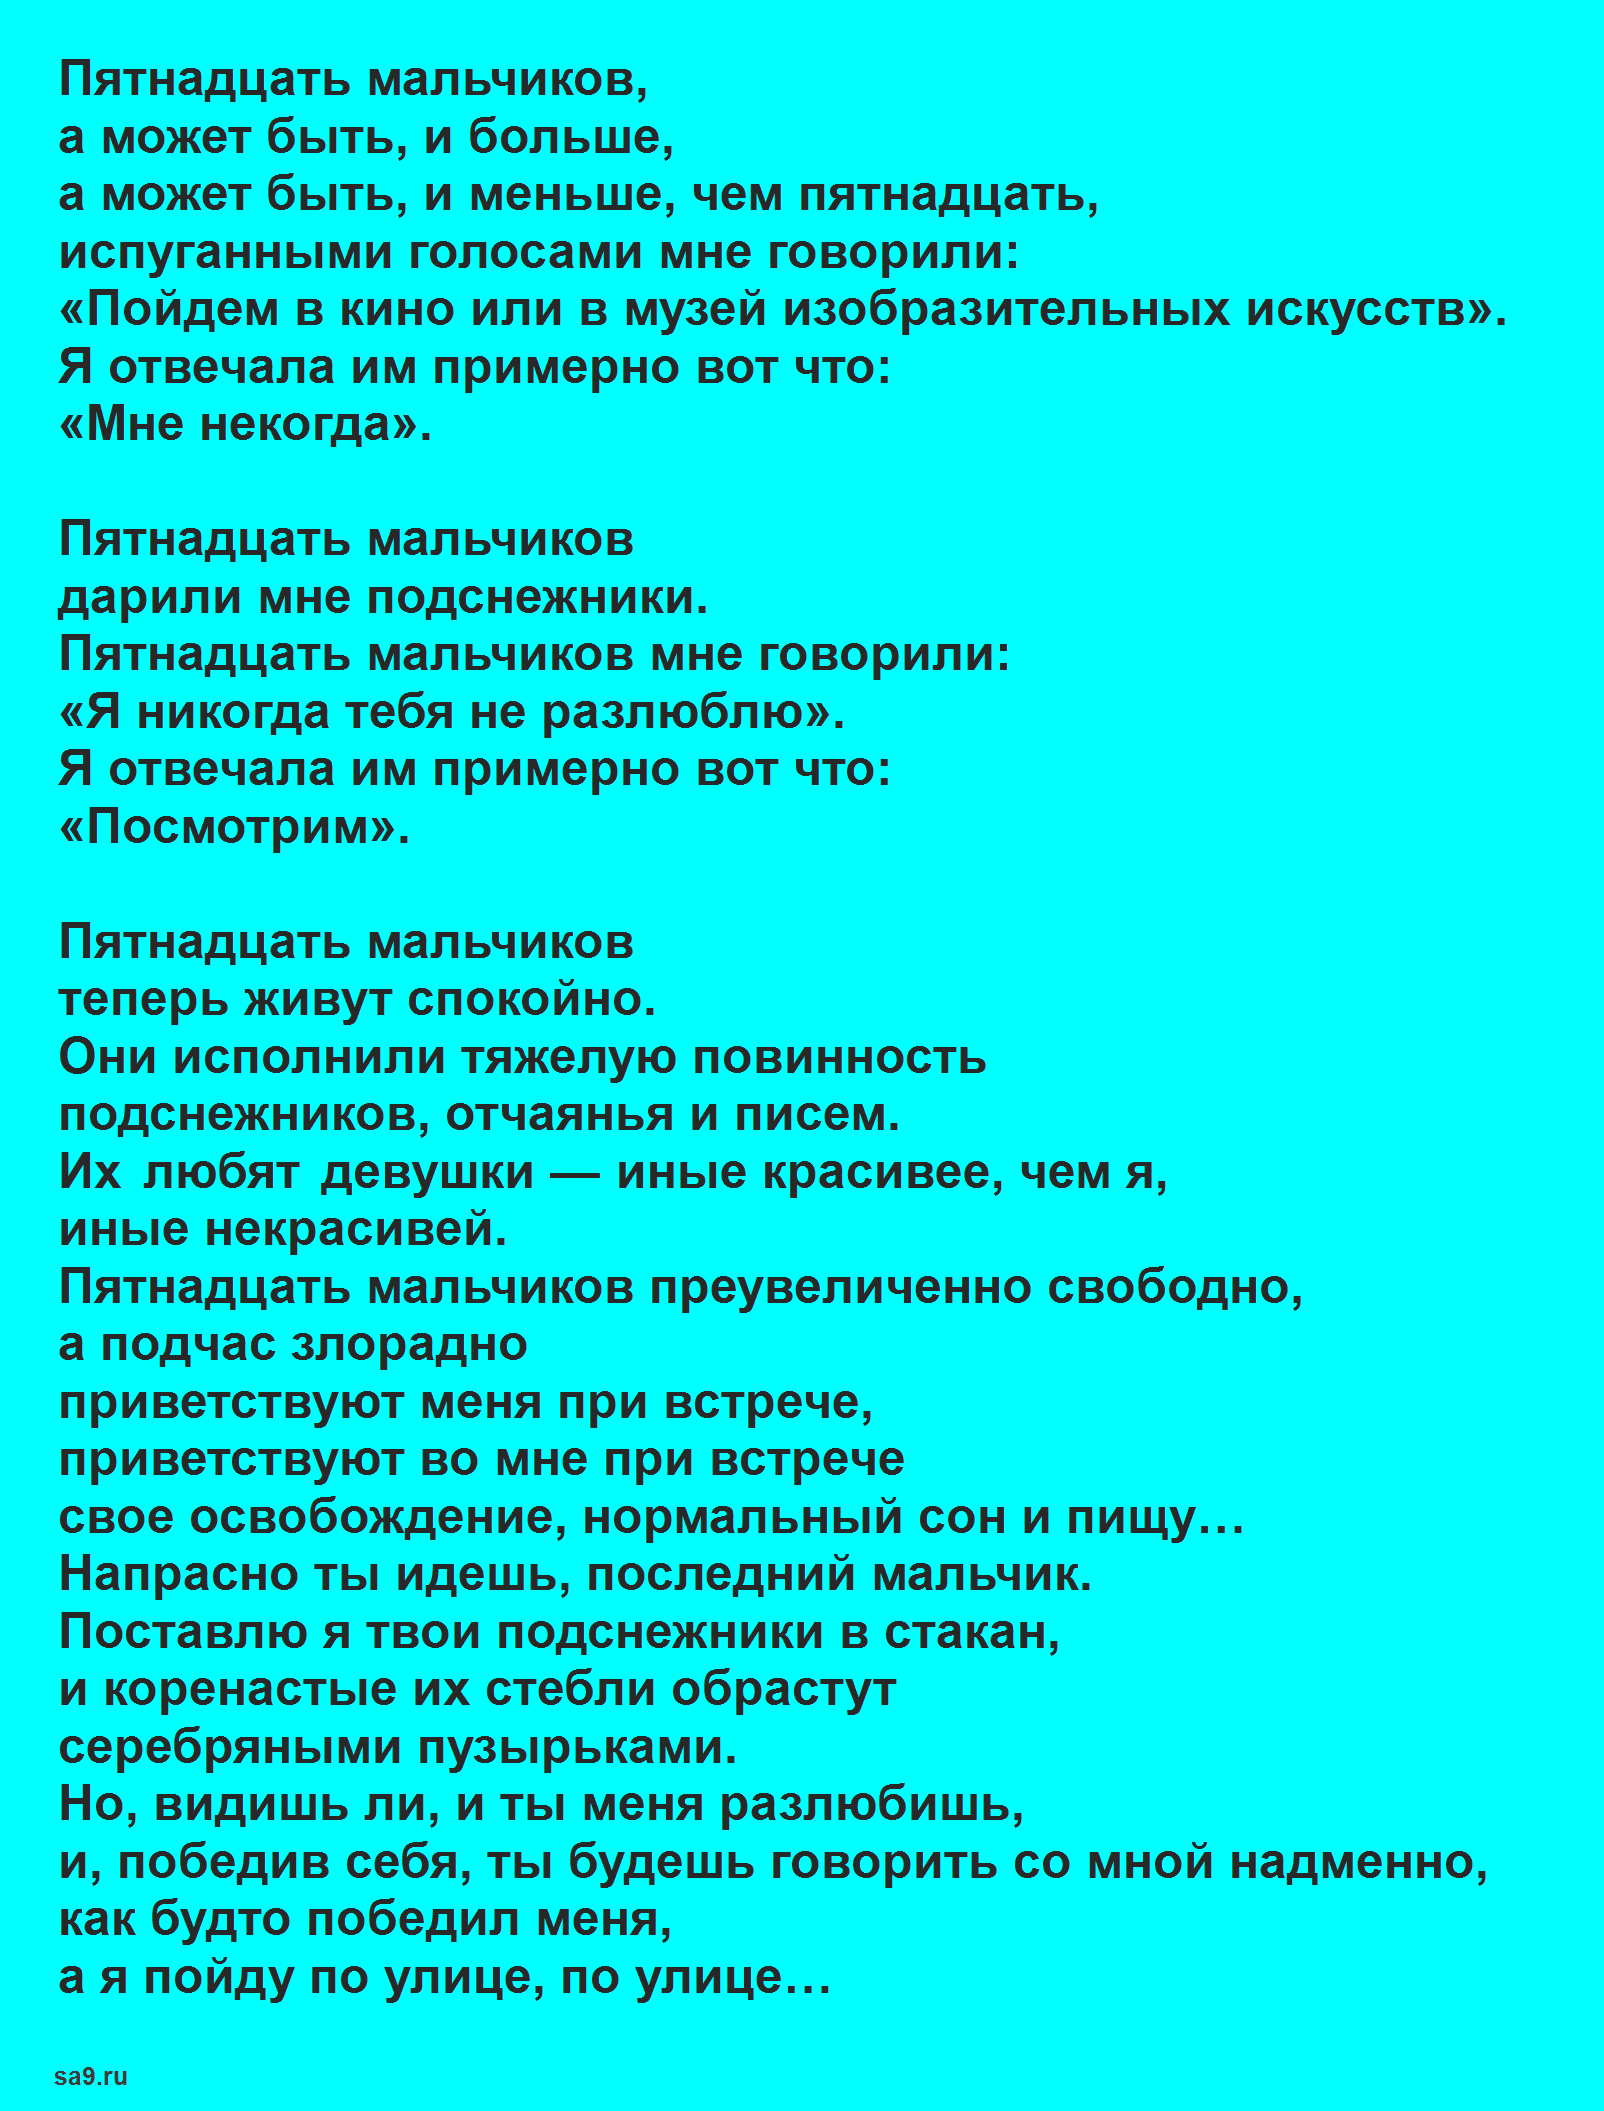 Стихи Ахмадулиной о любви